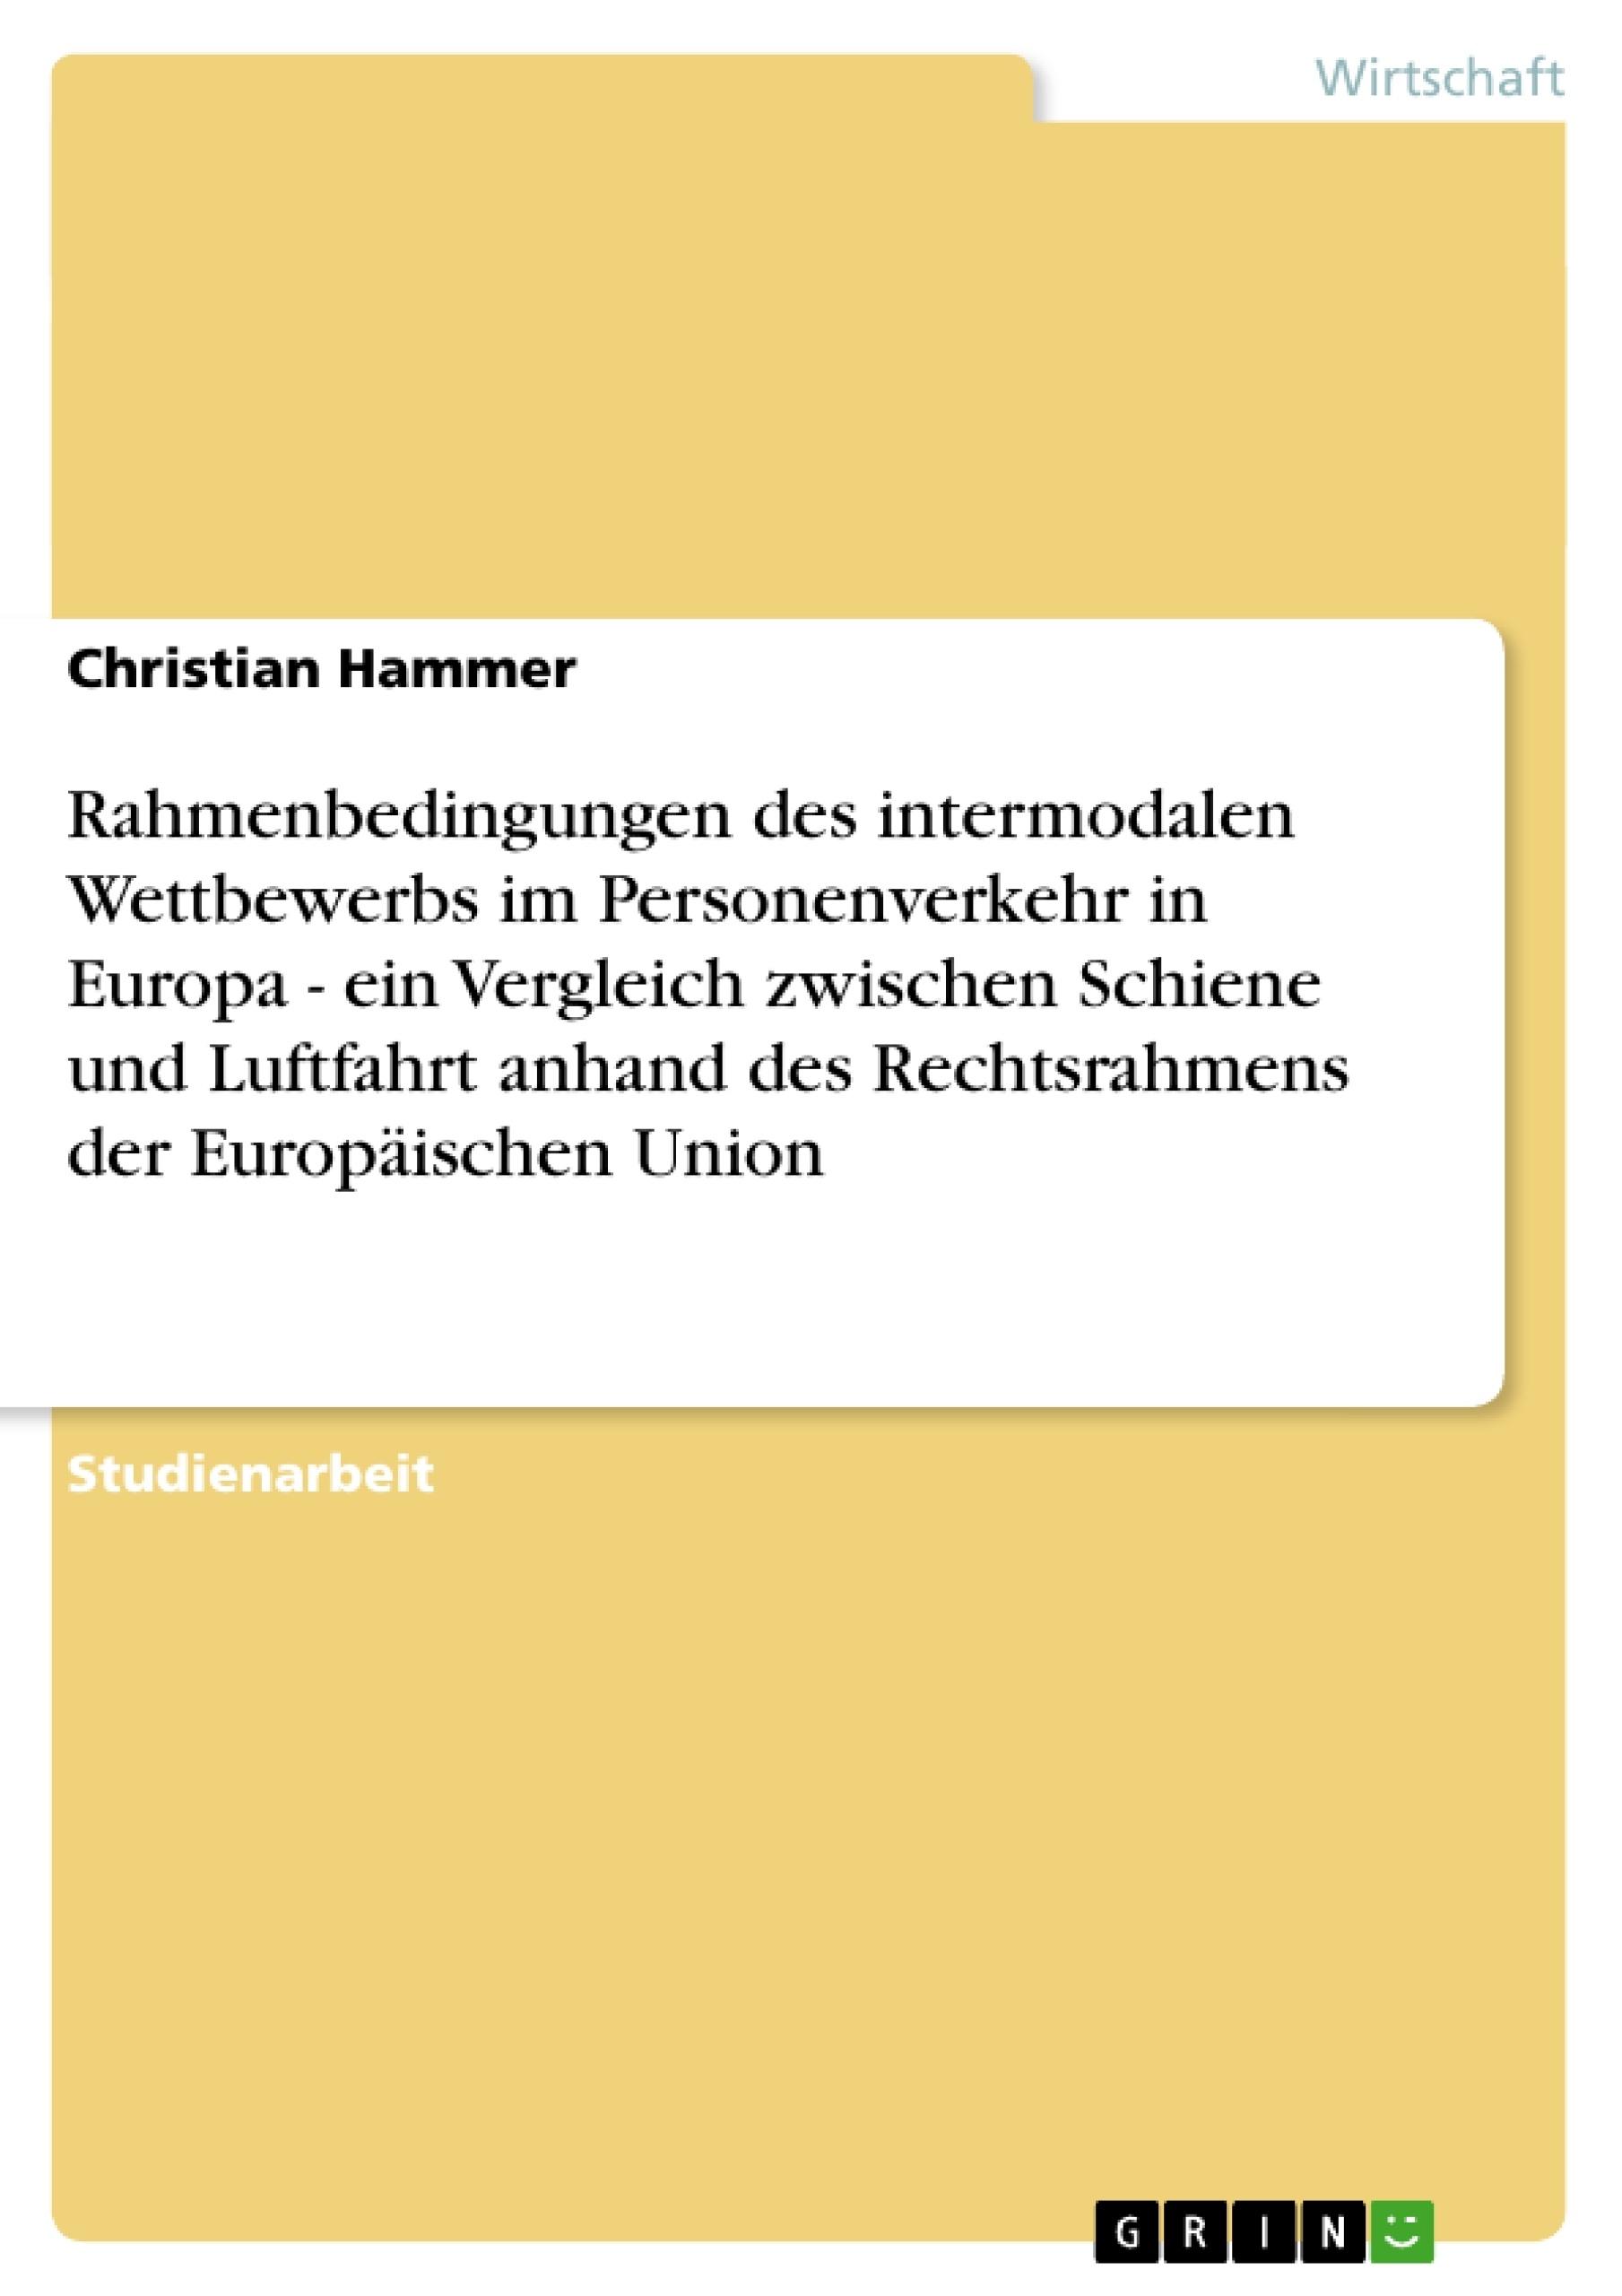 Titel: Rahmenbedingungen des intermodalen Wettbewerbs im Personenverkehr in Europa - ein Vergleich zwischen Schiene und Luftfahrt anhand des Rechtsrahmens der Europäischen Union